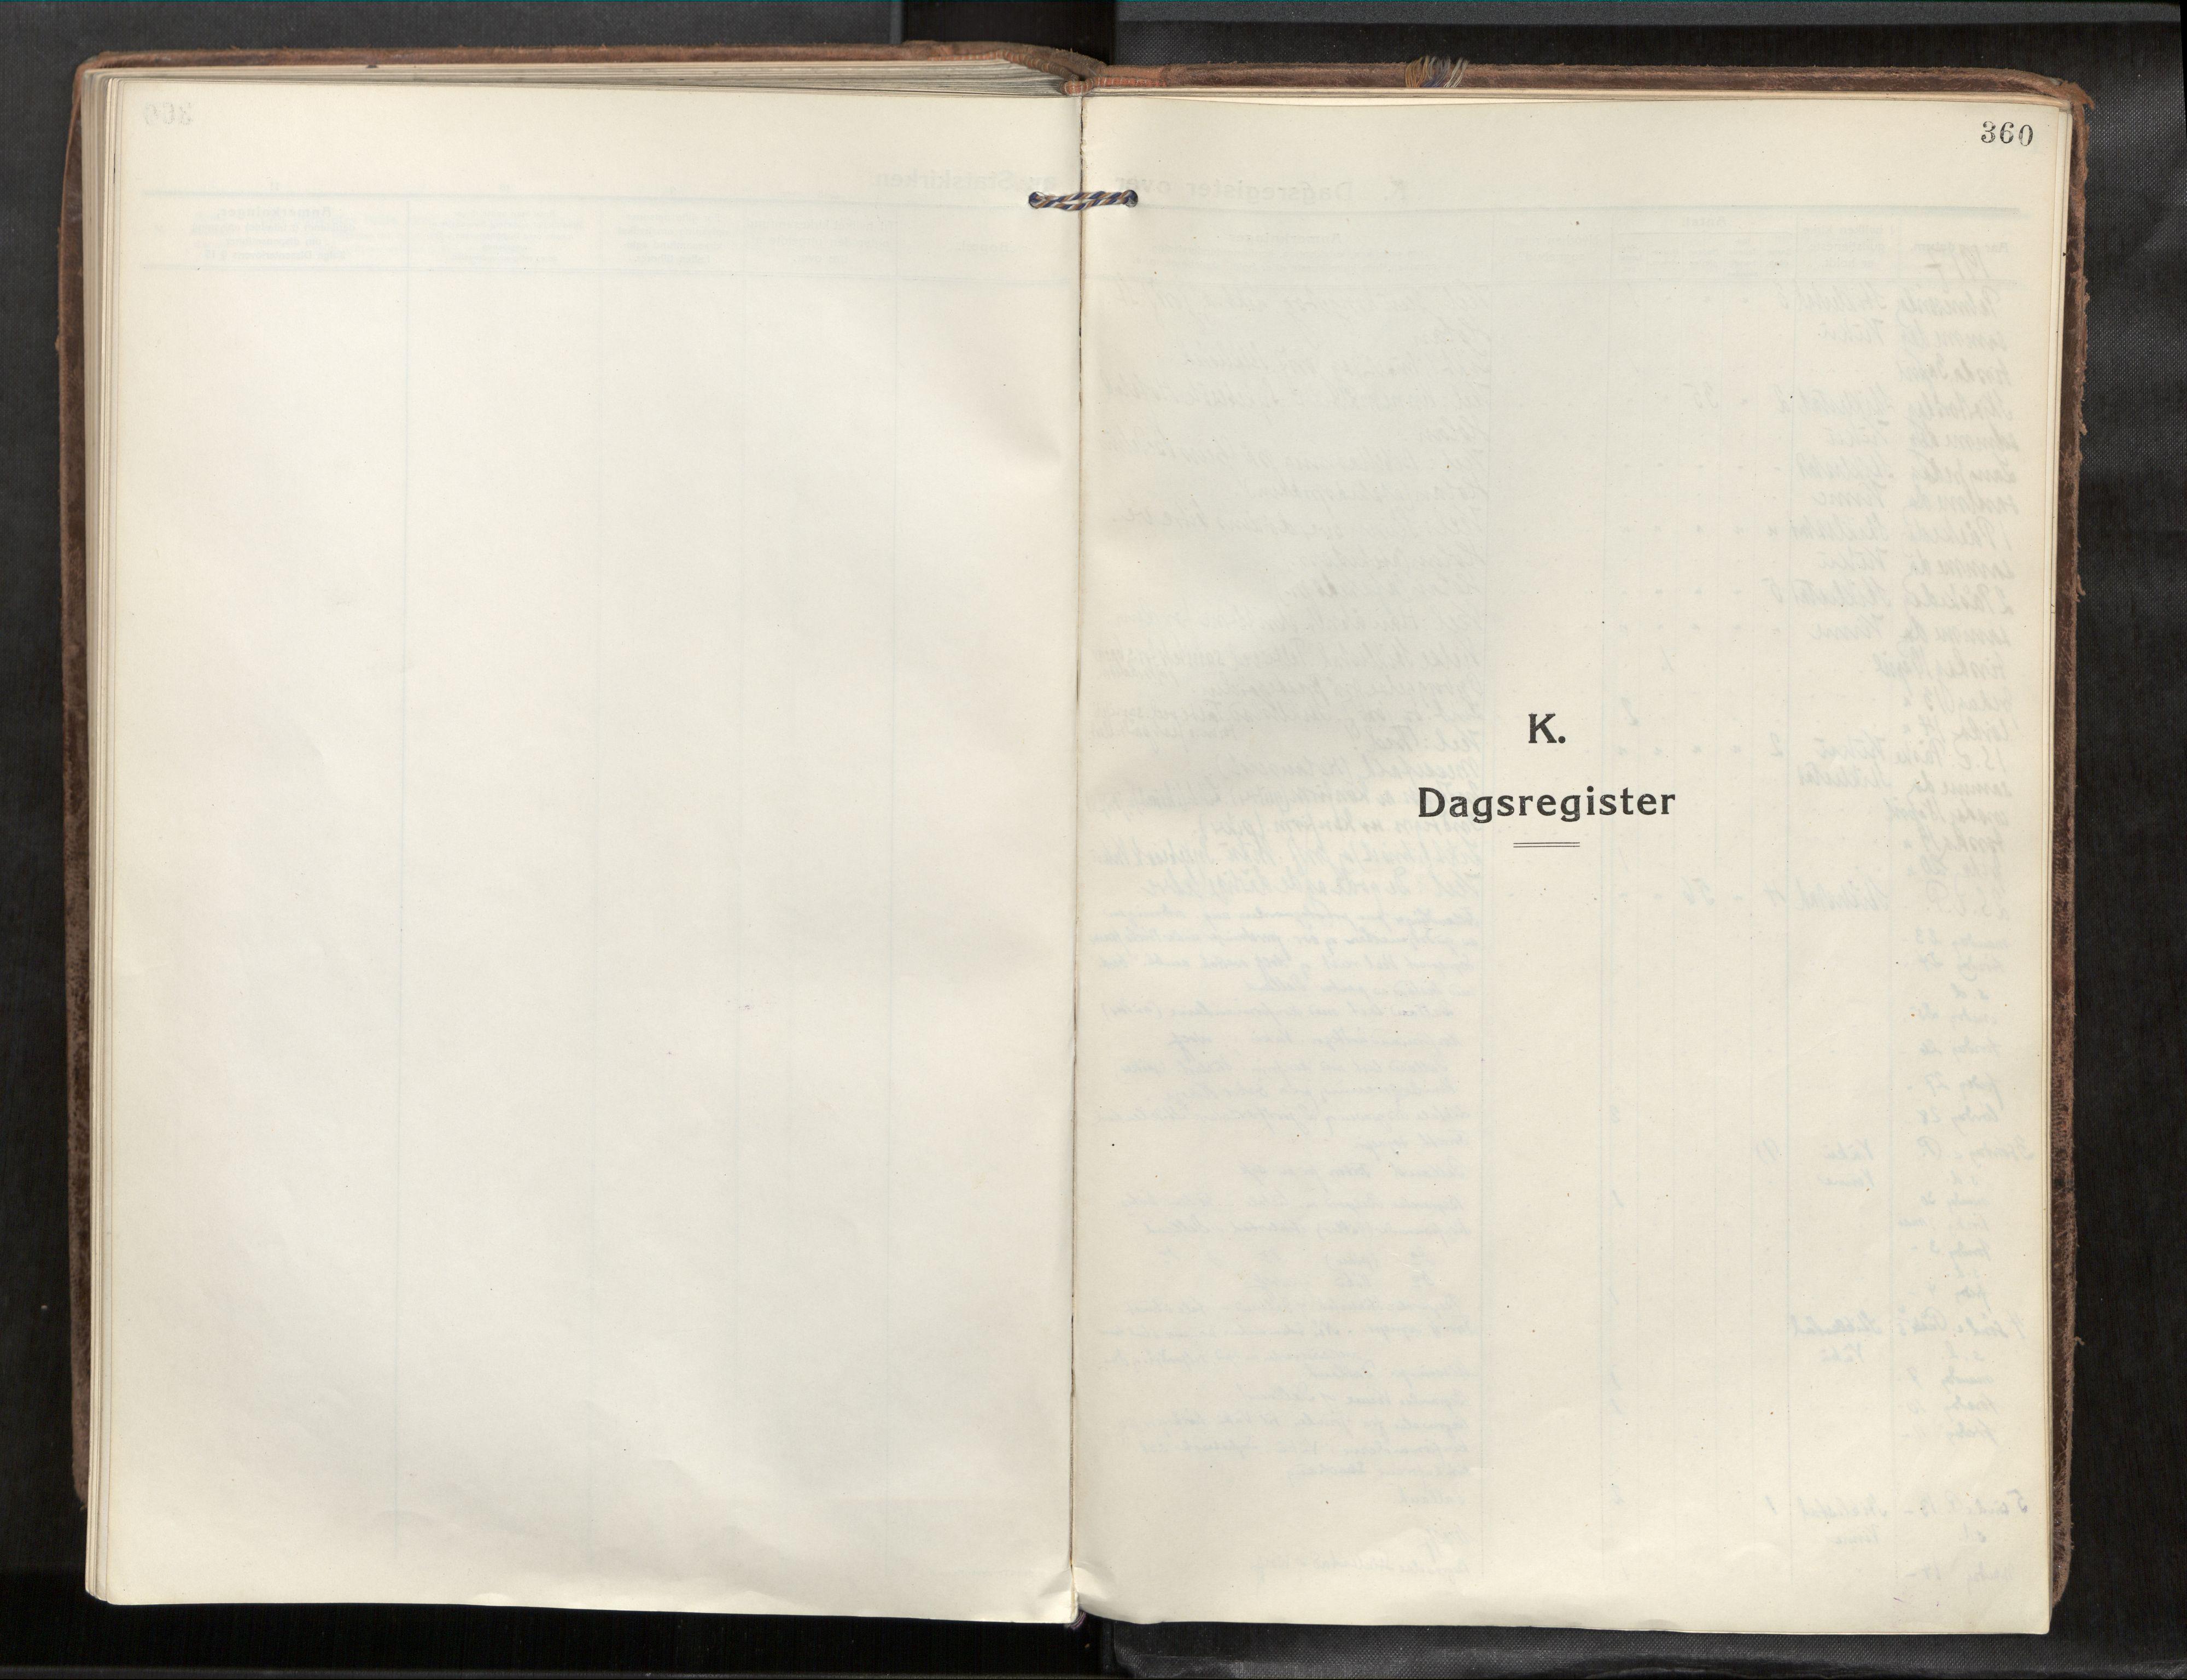 SAT, Verdal sokneprestkontor*, Parish register (official) no. 1, 1917-1932, p. 360